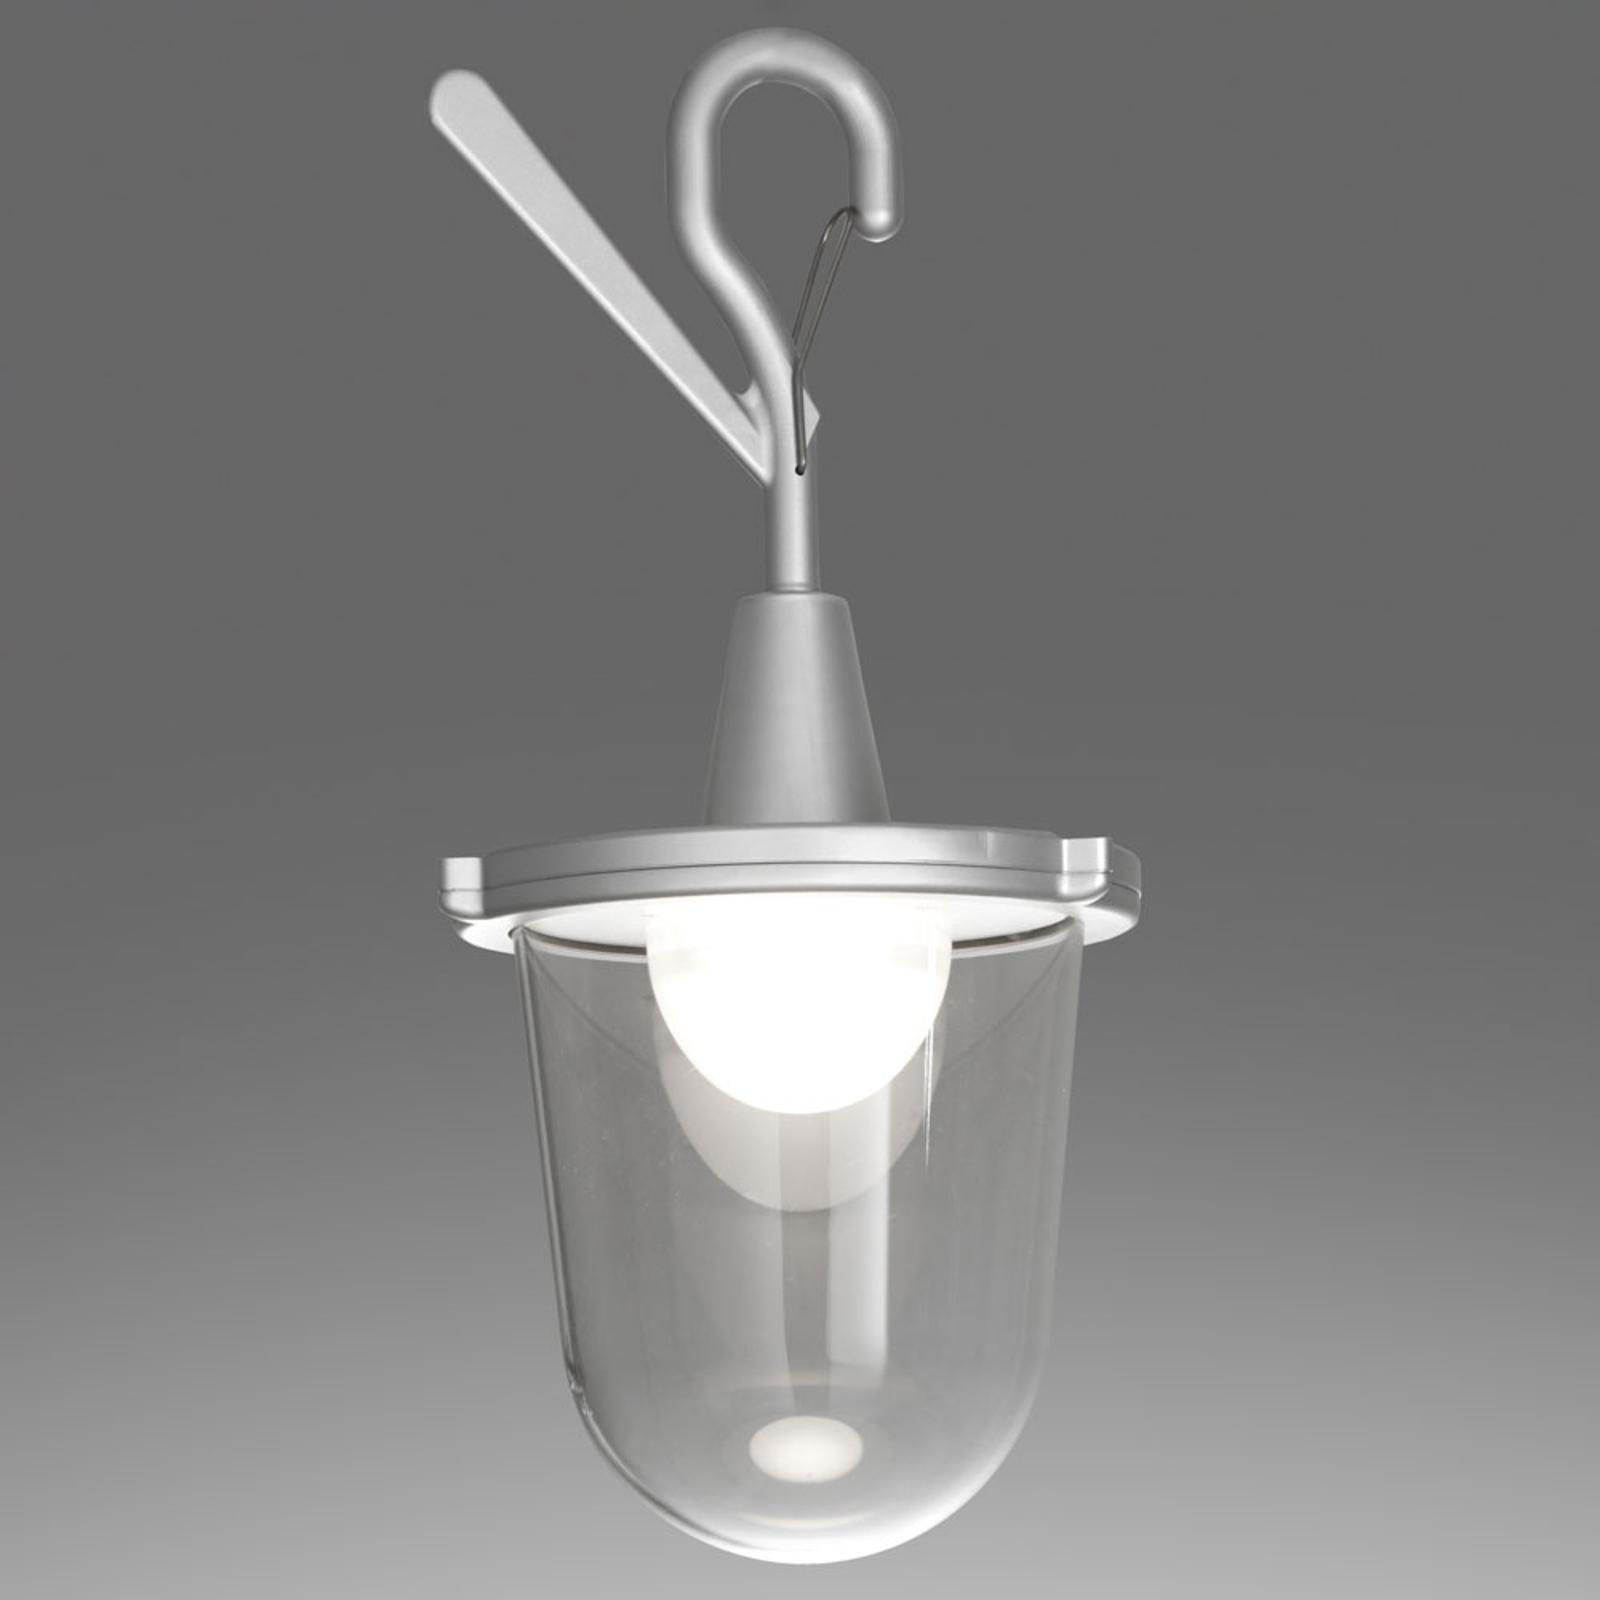 Artemide Tolomeo lantaarn buiten hanglamp